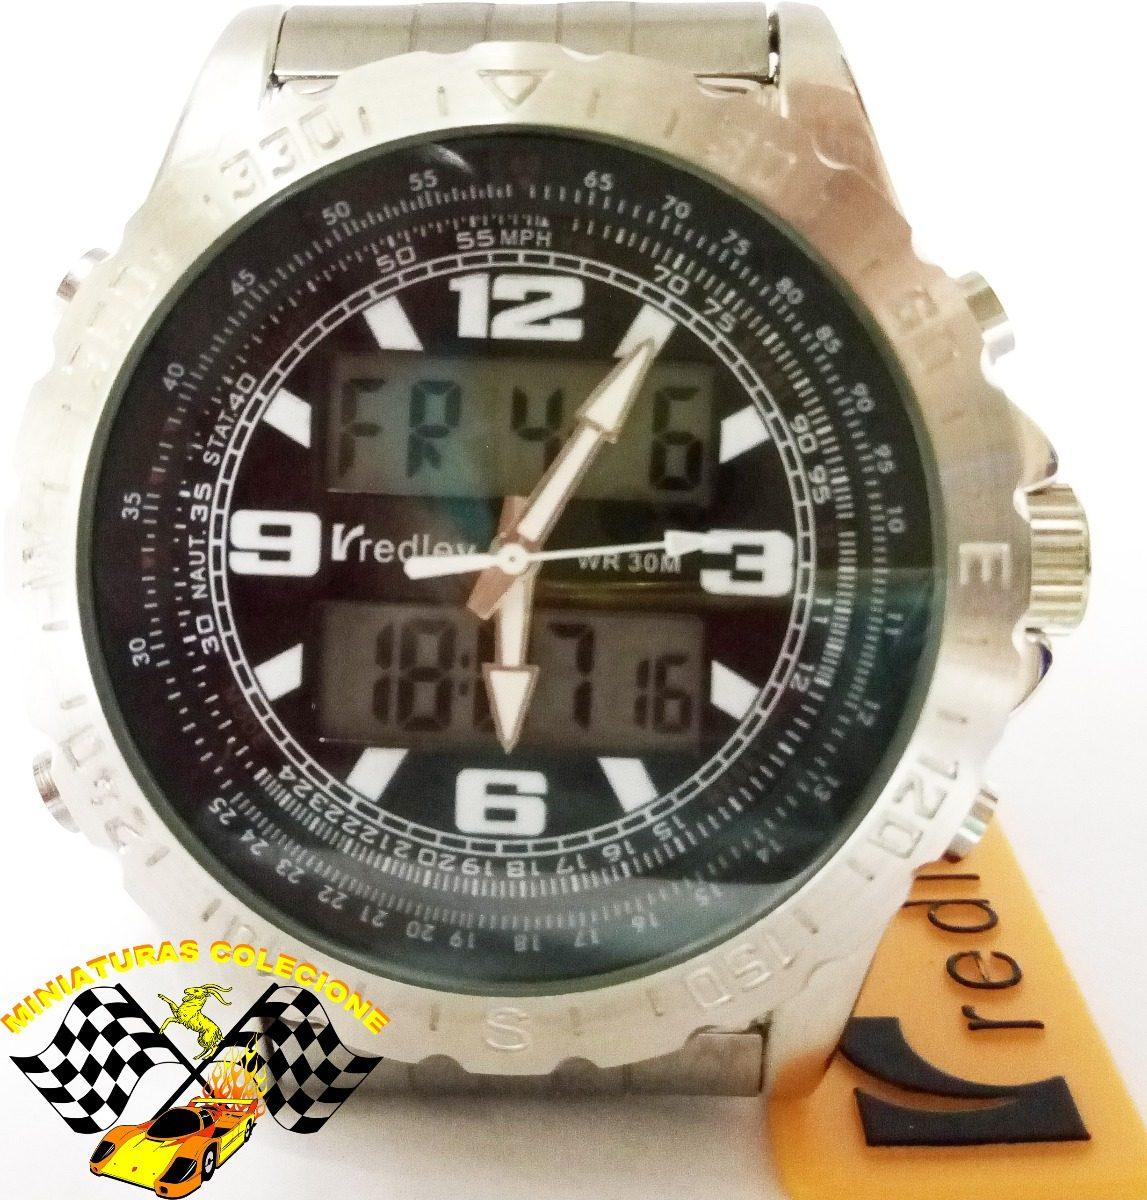 b122a494c96 relógio masculino aço fundo preto luxo grande redley lindo. Carregando zoom.